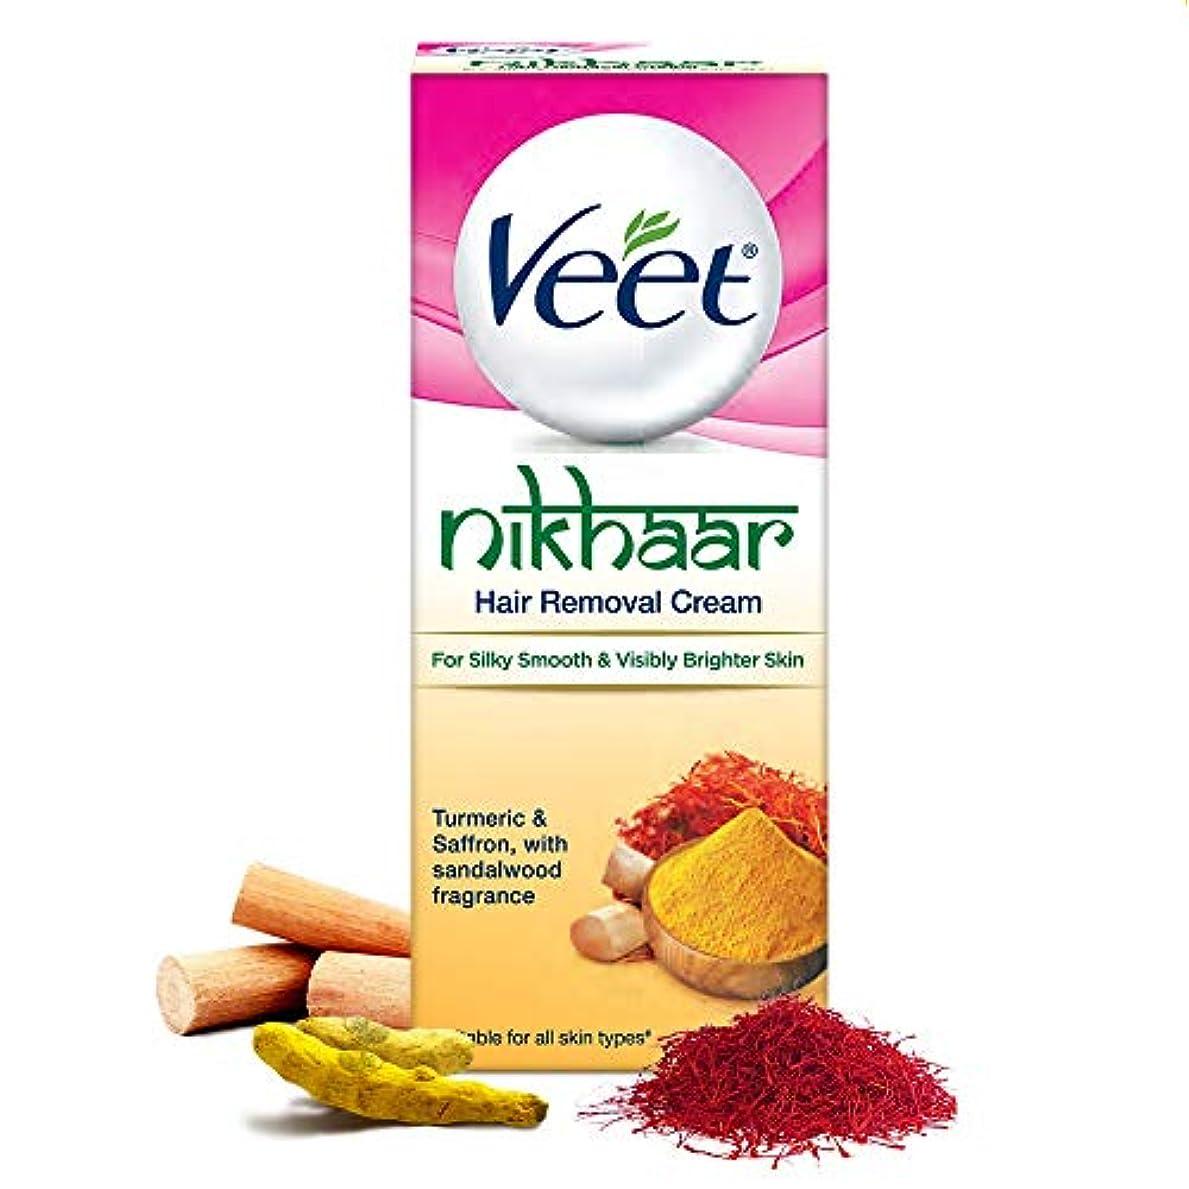 素晴らしさ規則性取り出すVeet Nikhaar Hair Removal Cream for All Skin Types, 50g - India